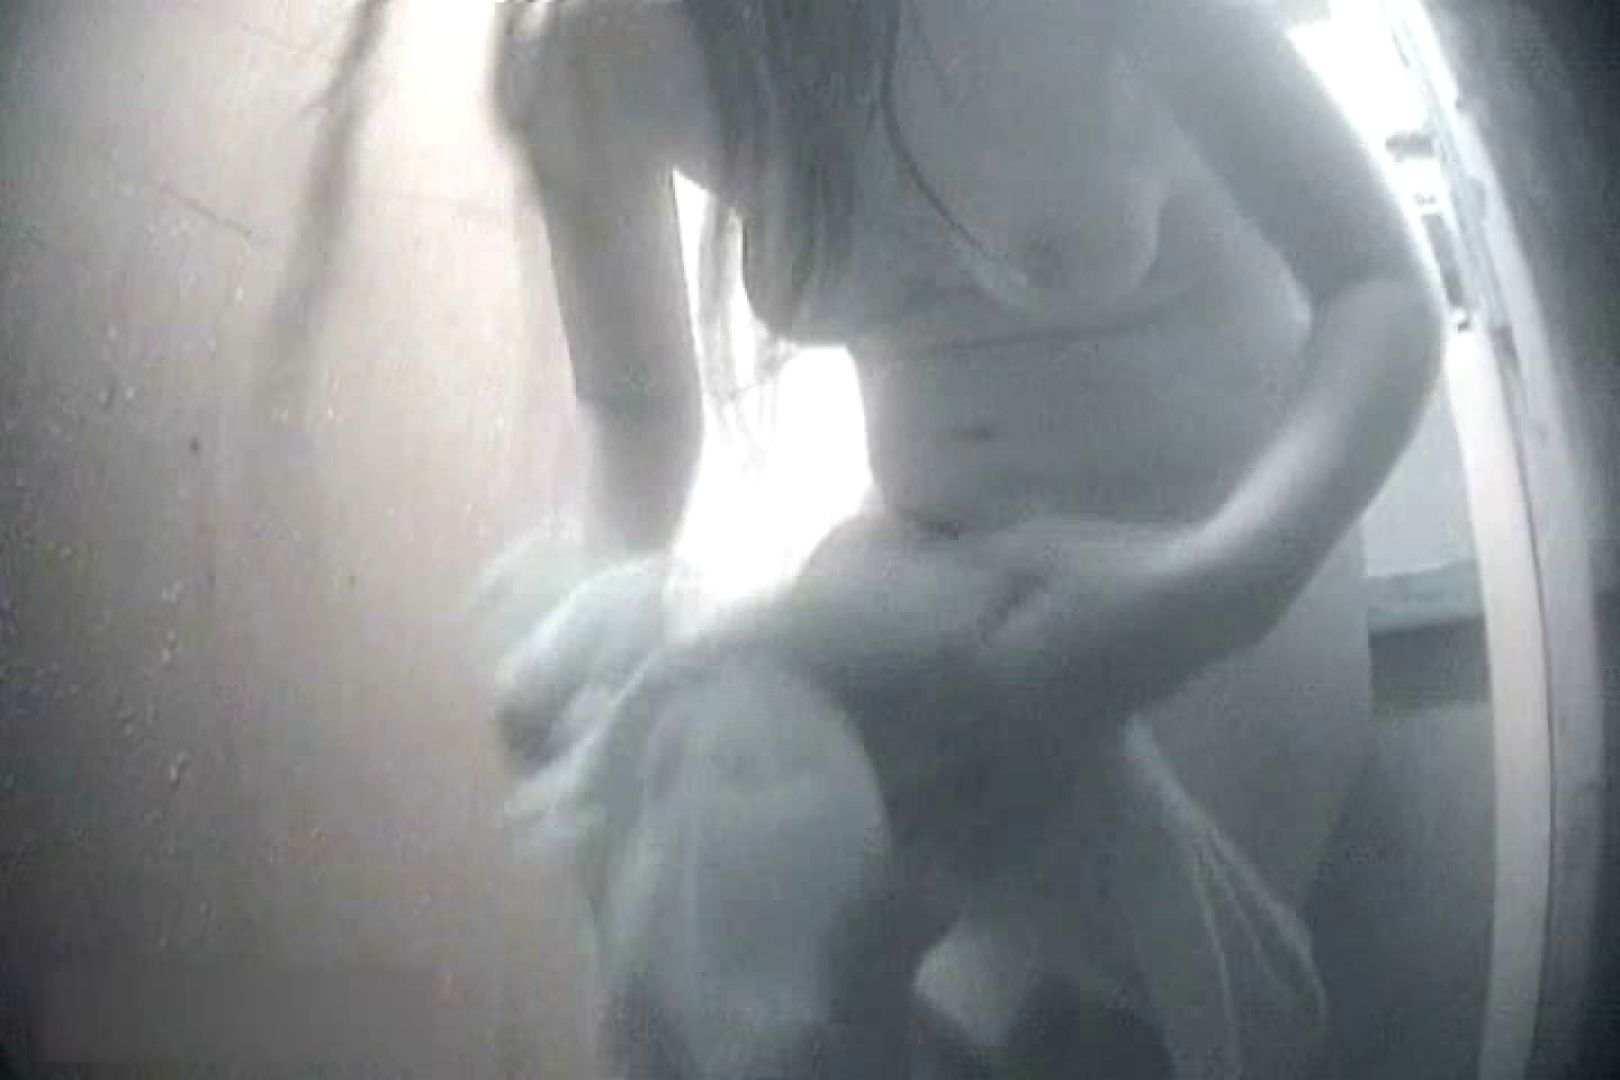 夏海シャワー室!ベトベトお肌をサラサラに!VOL.11 お尻   OLセックス  53画像 22